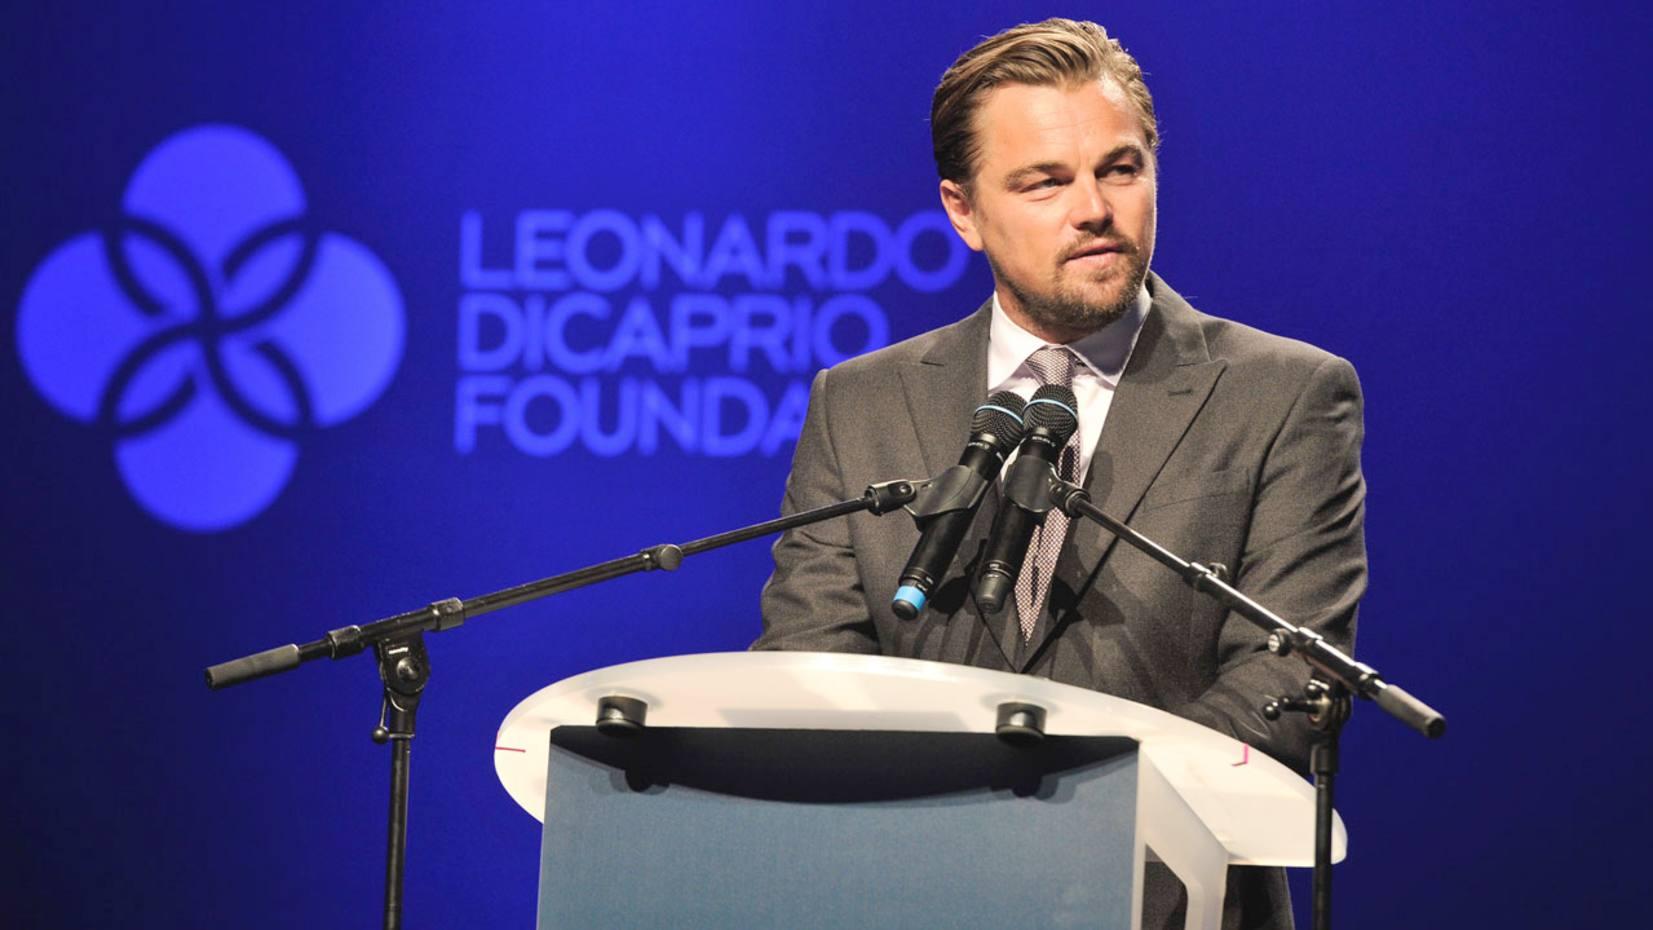 Leonardo DiCaprio will co-host the event